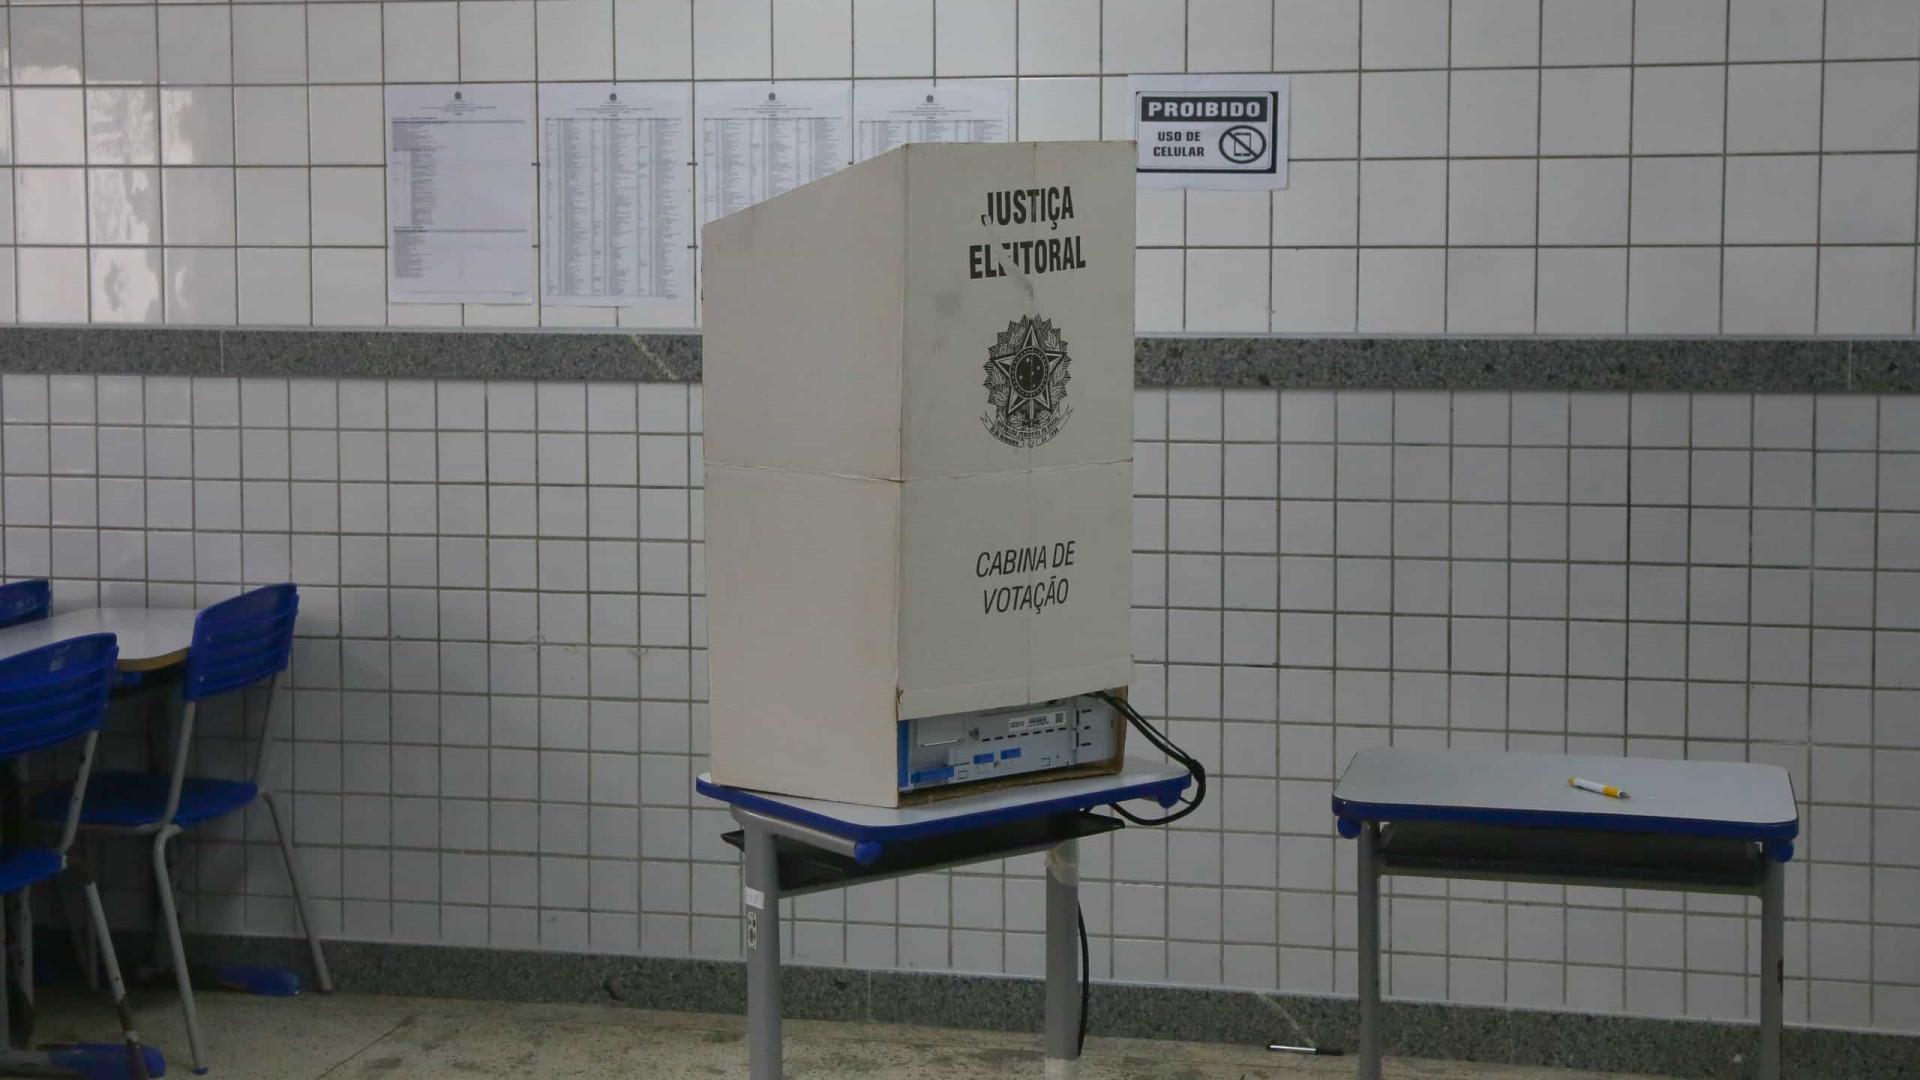 Cinco municípios elegeram novos prefeitos neste domingo